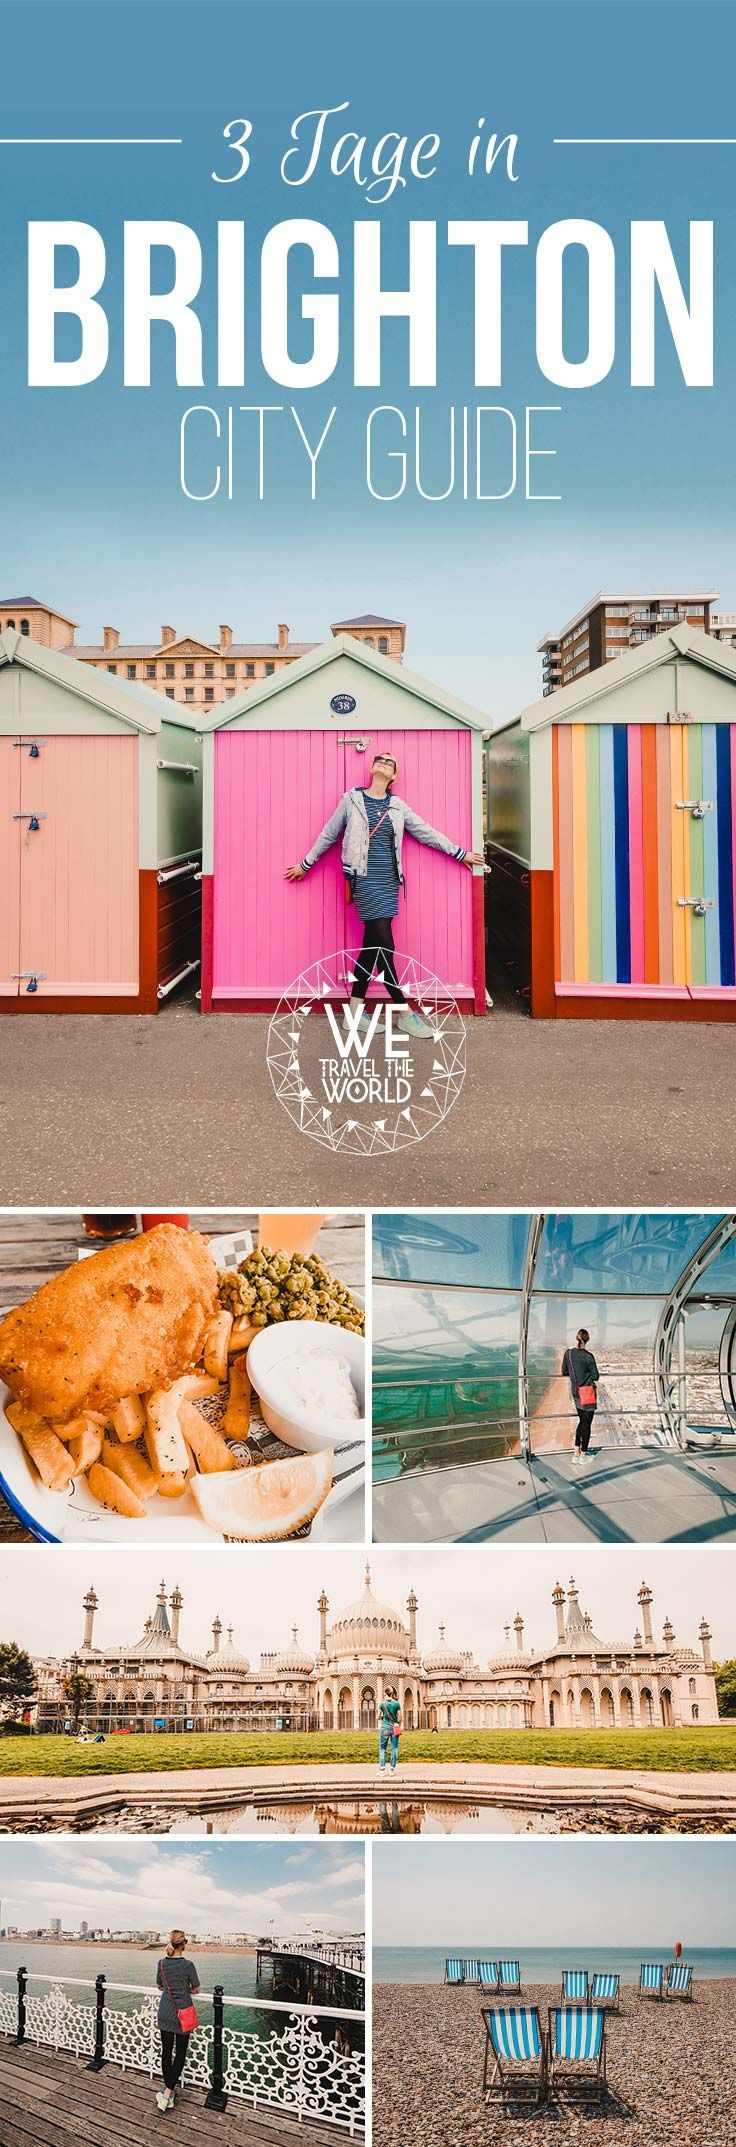 Brighton in 3 Tagen – City Guide mit 17 großartigen Sehenswürdigkeiten, die jeder be